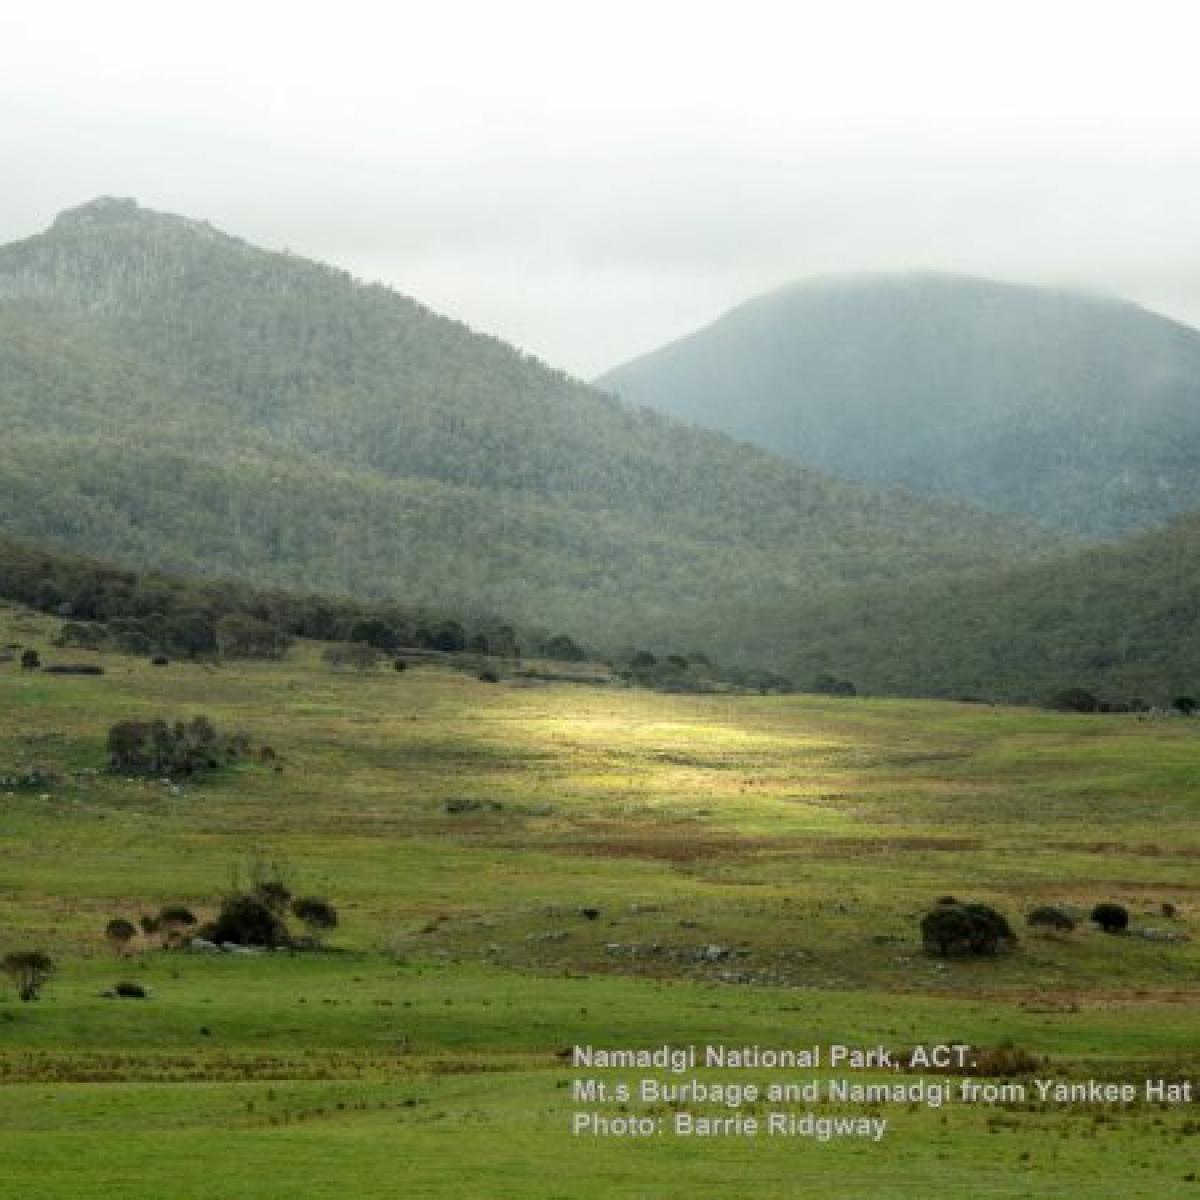 Mounts Burbidge and Namadgi